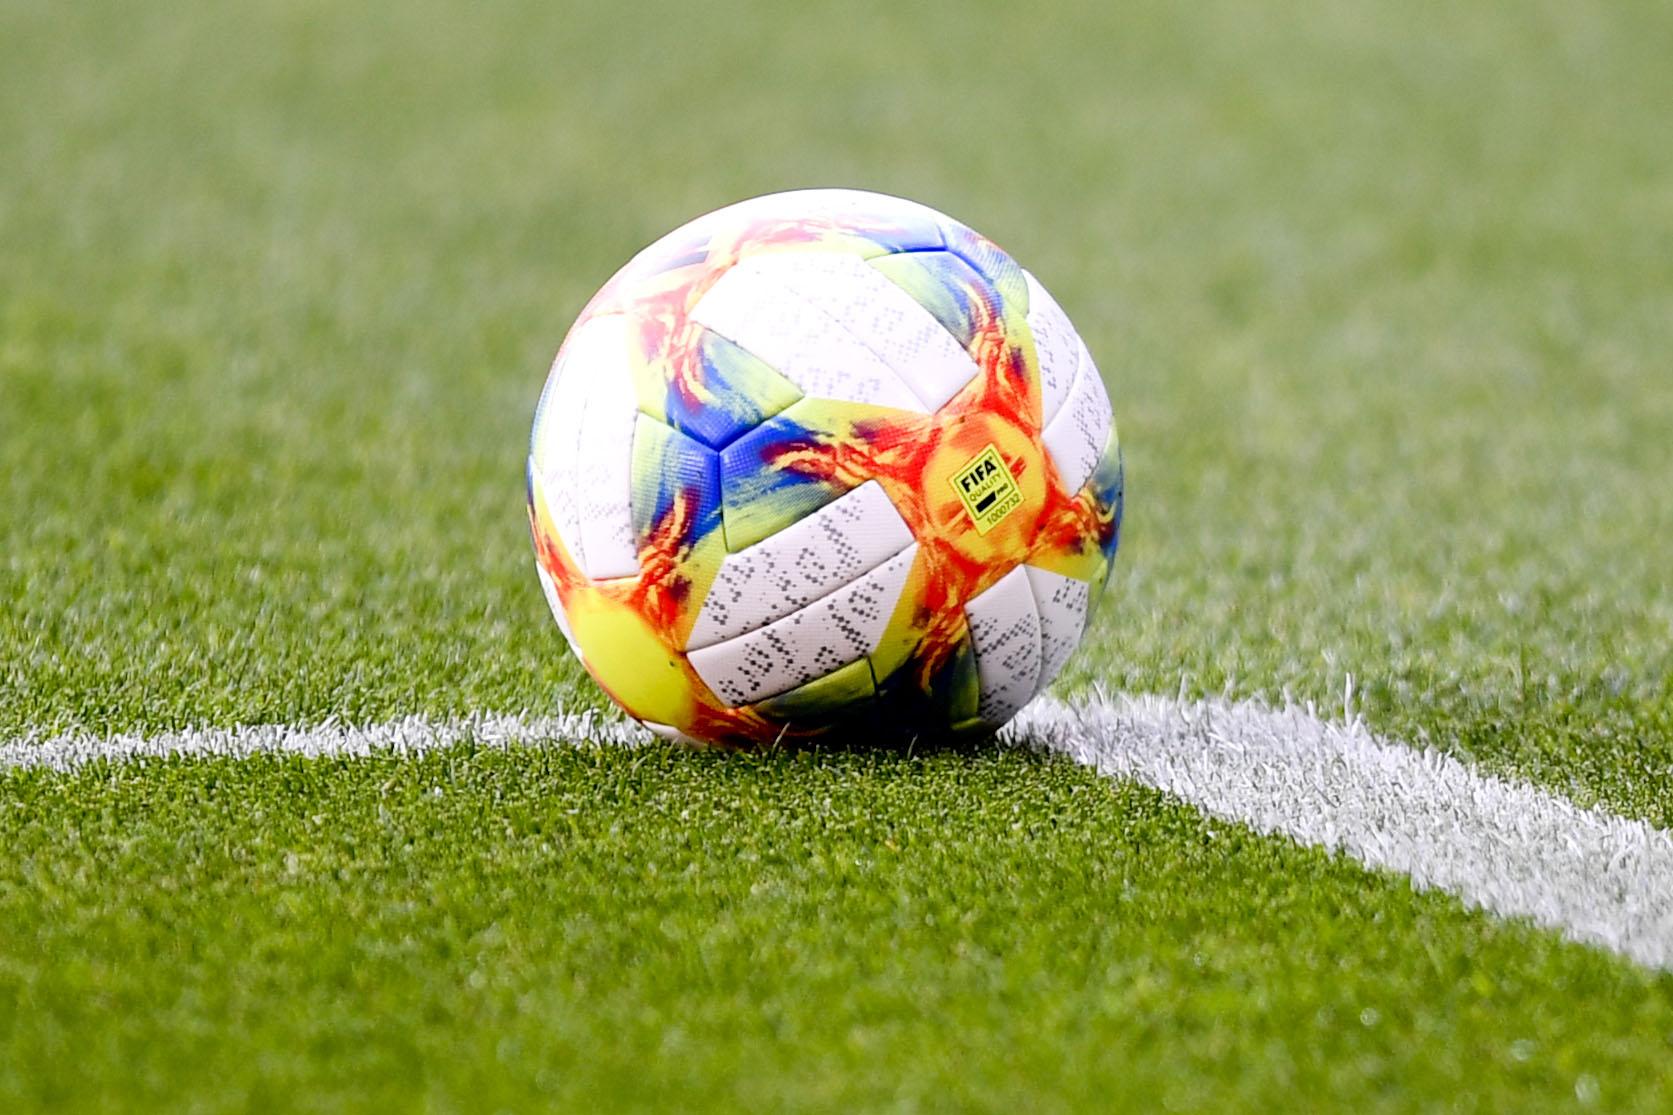 Laval : Un match de football féminin interrompu pour laisser la place aux garçons